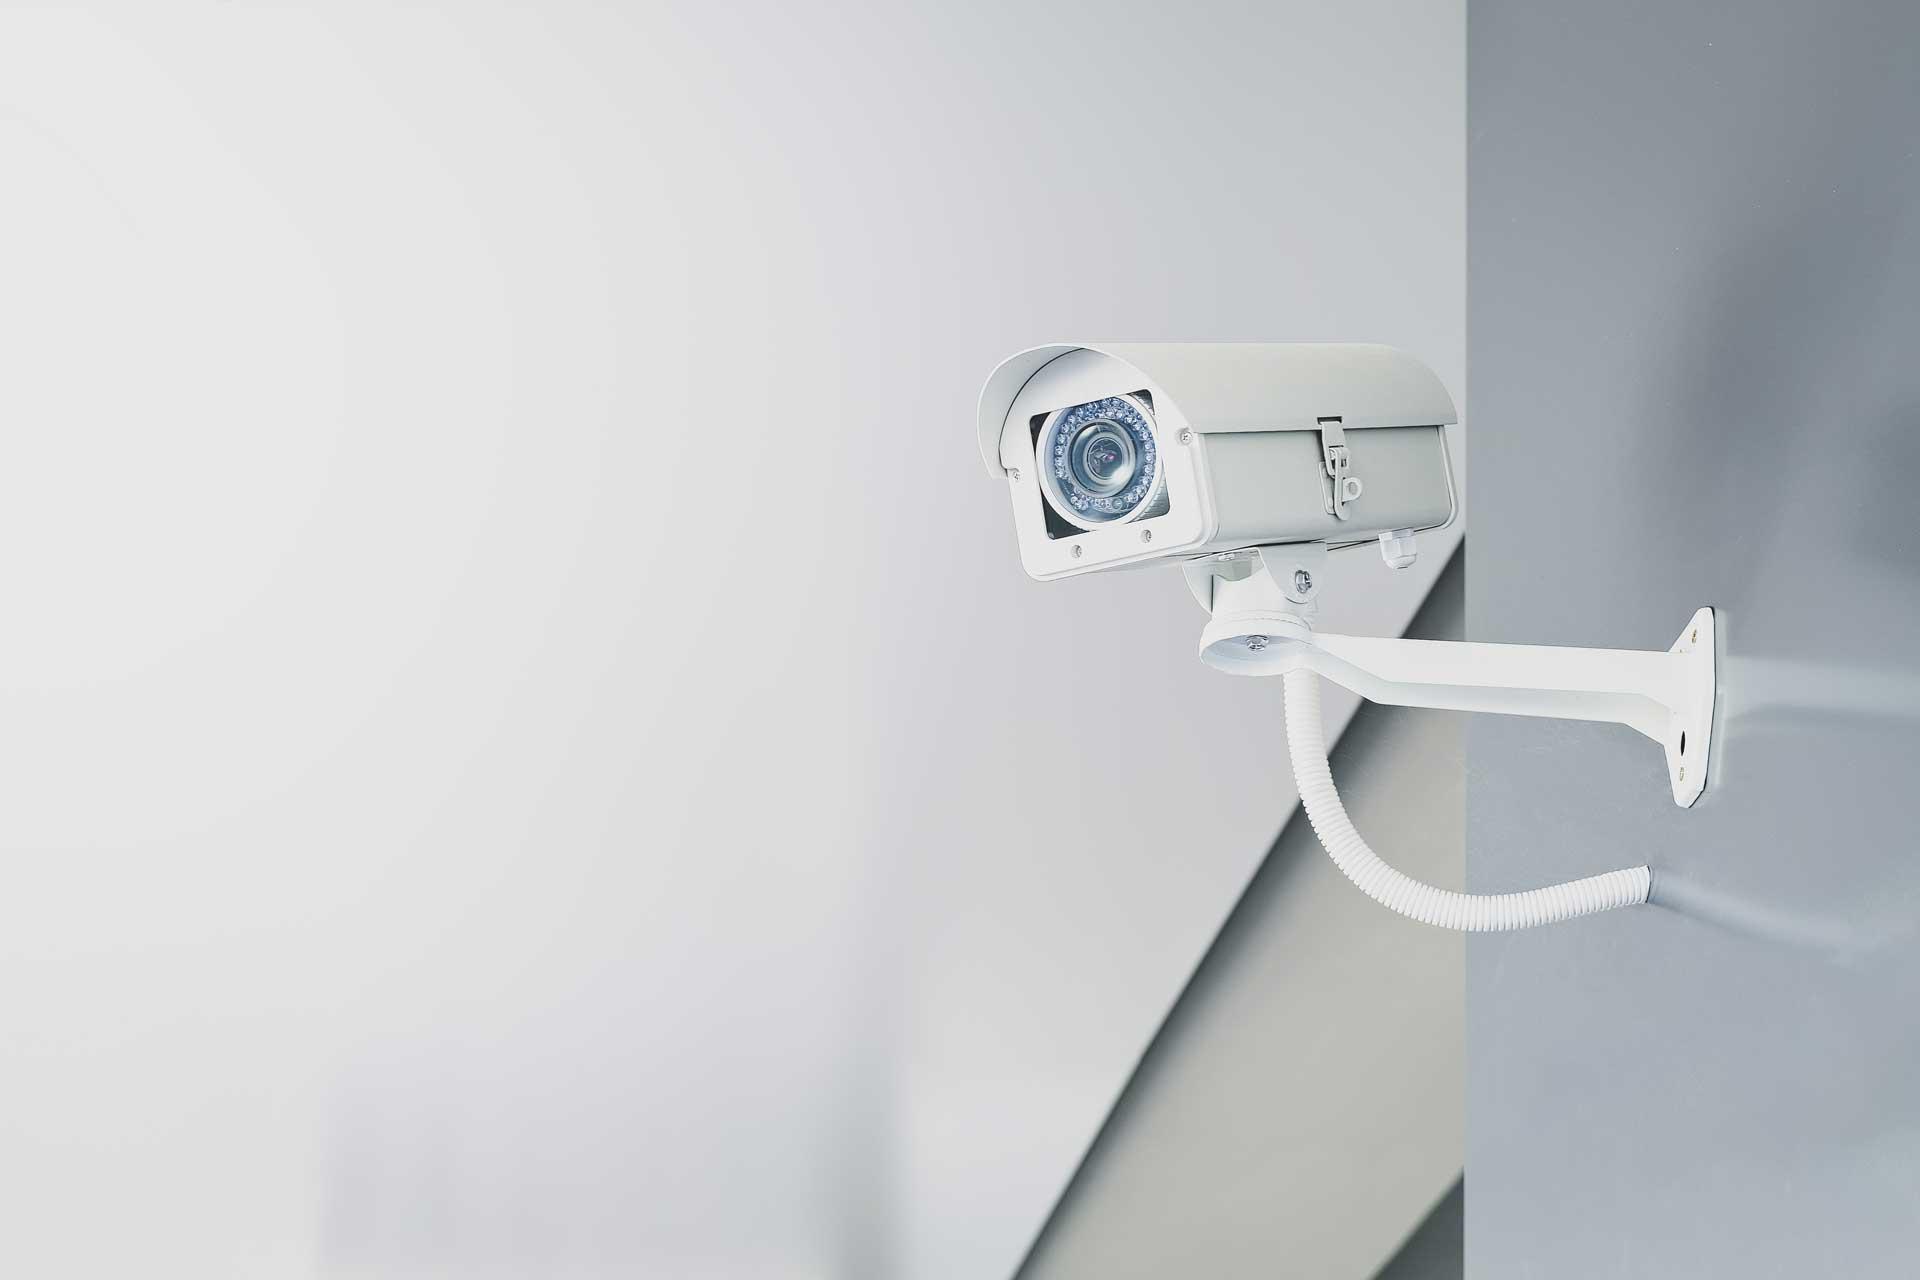 Sistema di videosorveglianza in azienda? Ecco come farlo a norma.